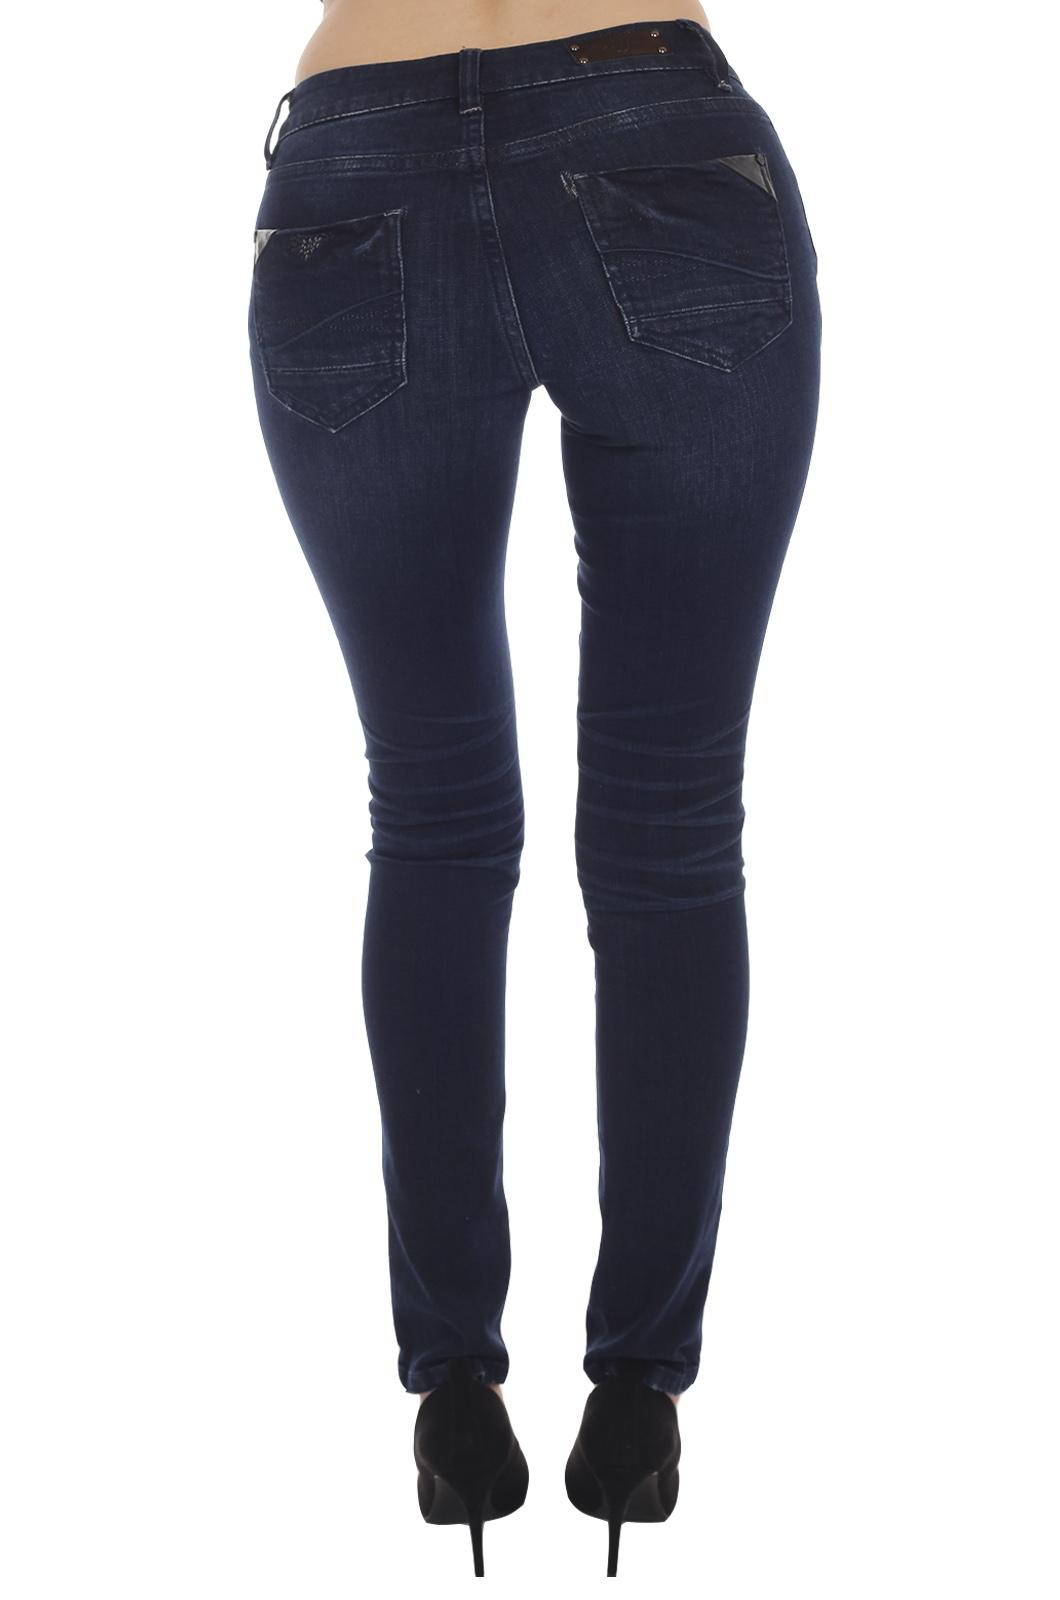 Недорогие женские джинсы – популярный прямой крой, качественный деним, супер цена